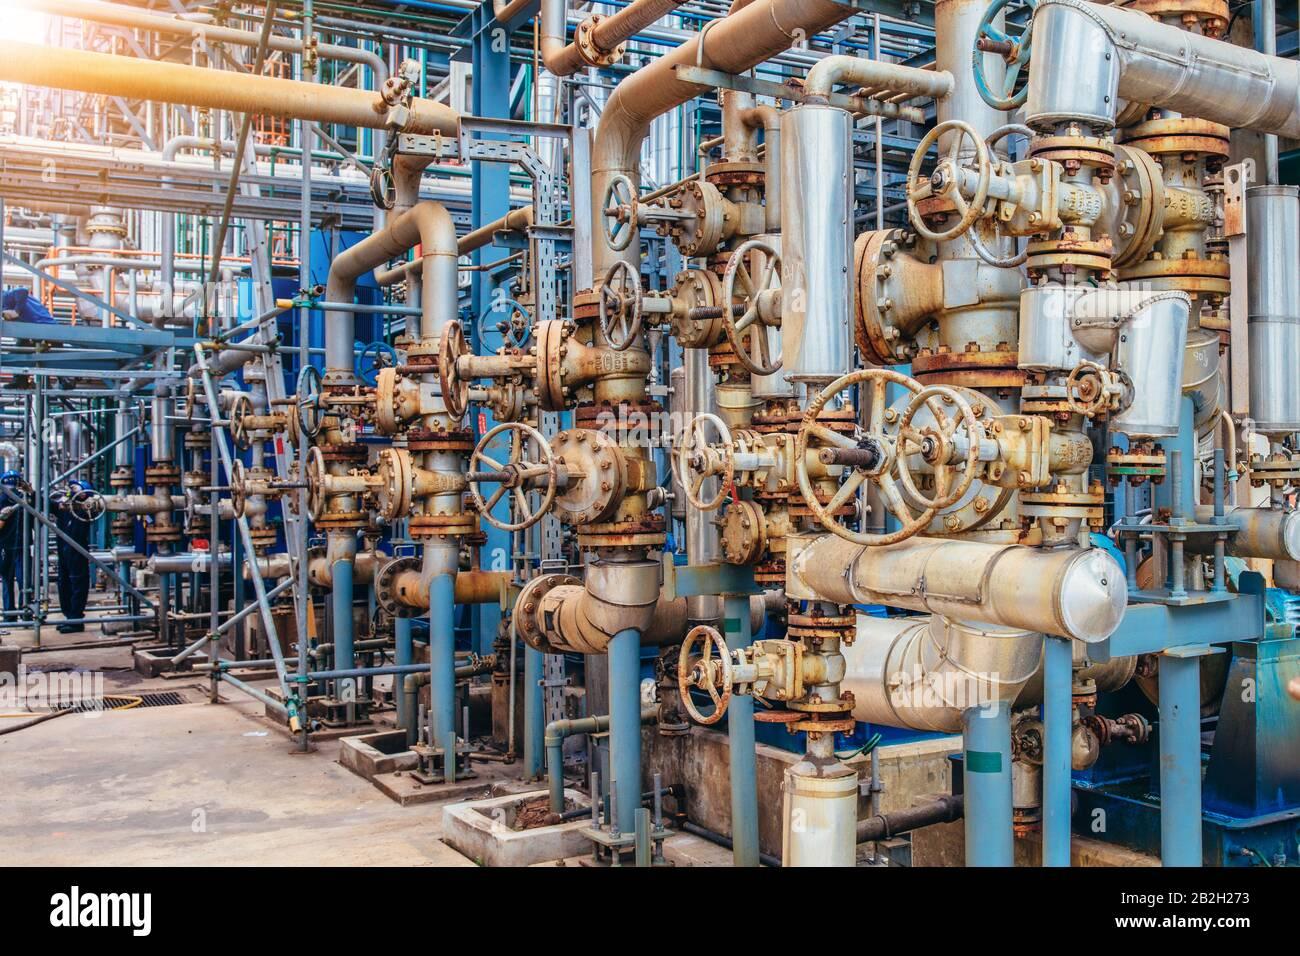 Zone industrielle,l'équipement de raffinage du pétrole, à proximité des pipelines industriels d'une usine de raffinage de pétrole,Détail d'un oléoduc avec soupapes en grande oi Banque D'Images